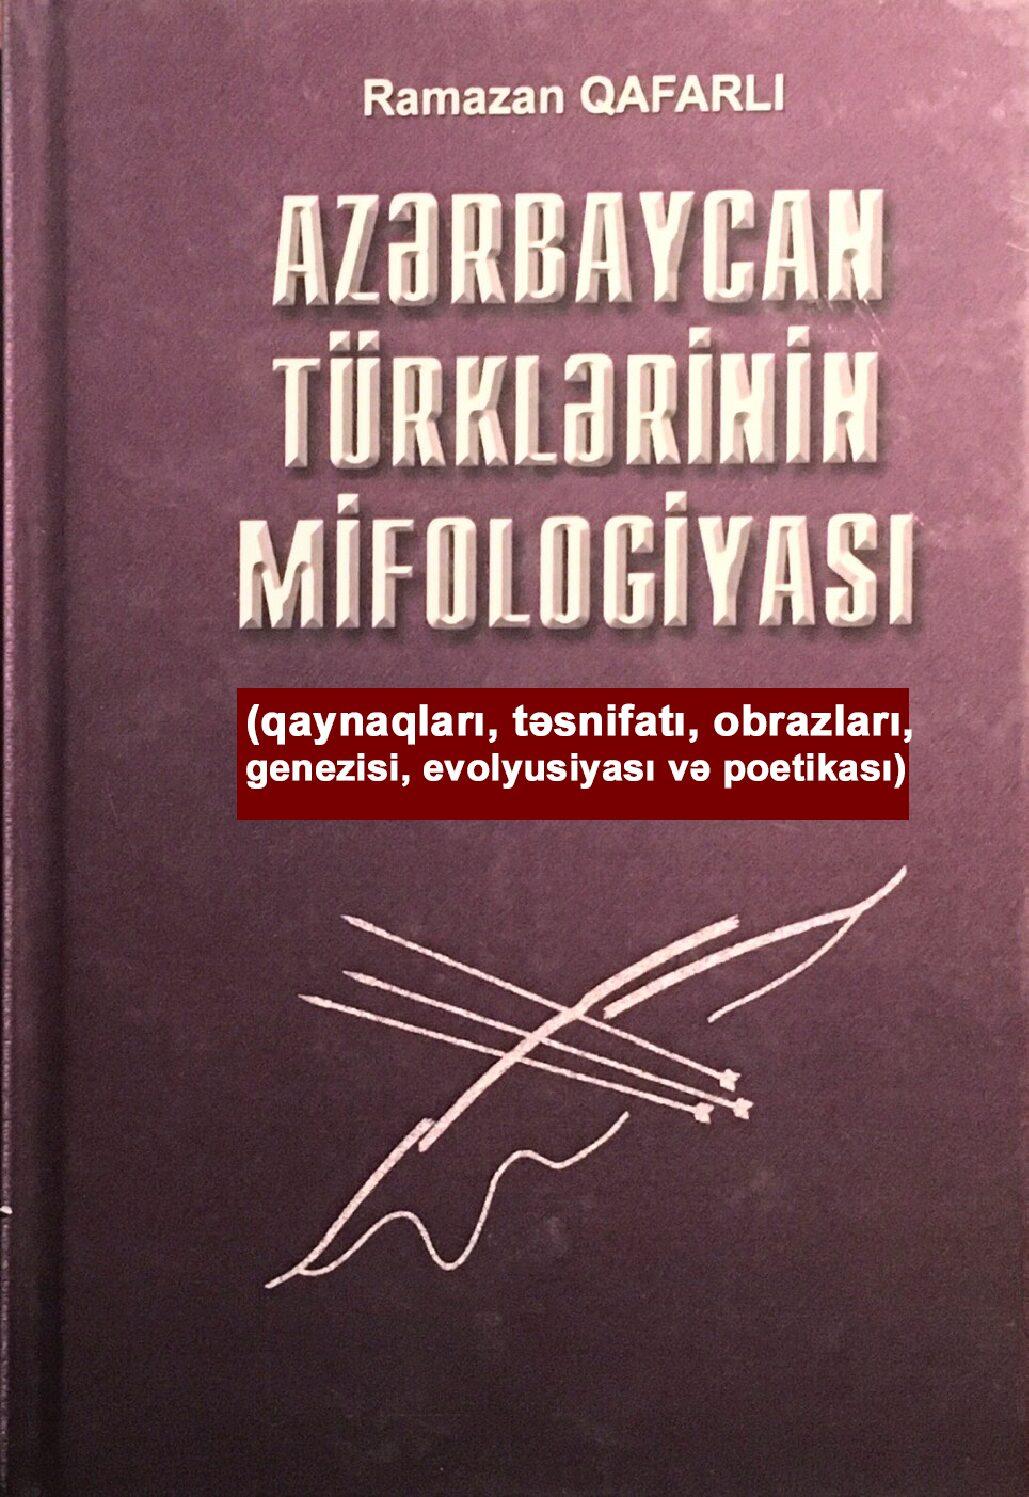 AZƏRBAYCAN TÜRKLƏRİNİN MİFOLOGİYASI (qaynaqları, təsnifatı, obrazları, genezisi, evolyusiyası və poetikası)